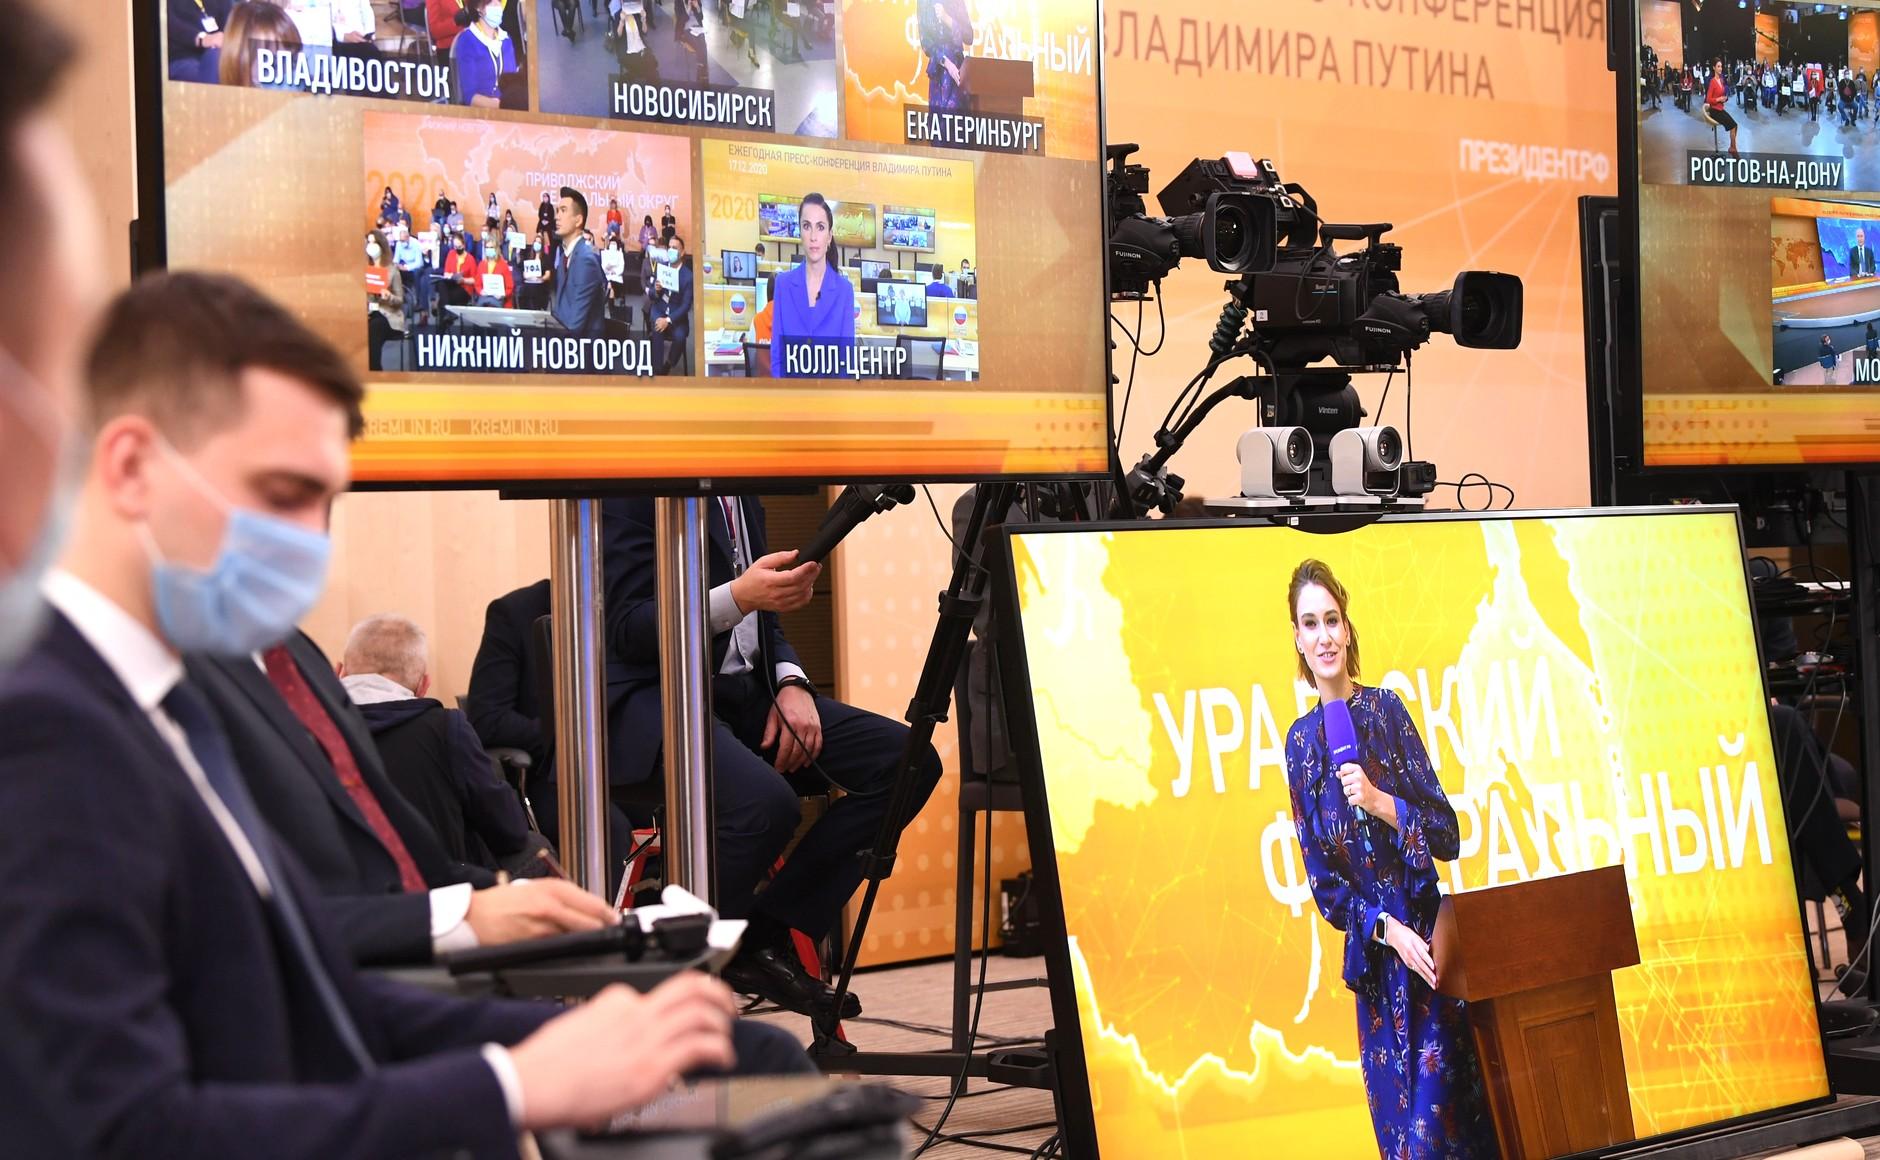 RUSSIE 17.12.2020.CONFERENCE 27 XX 66 Avant le début de la conférence de presse annuelle de Vladimir Poutine.